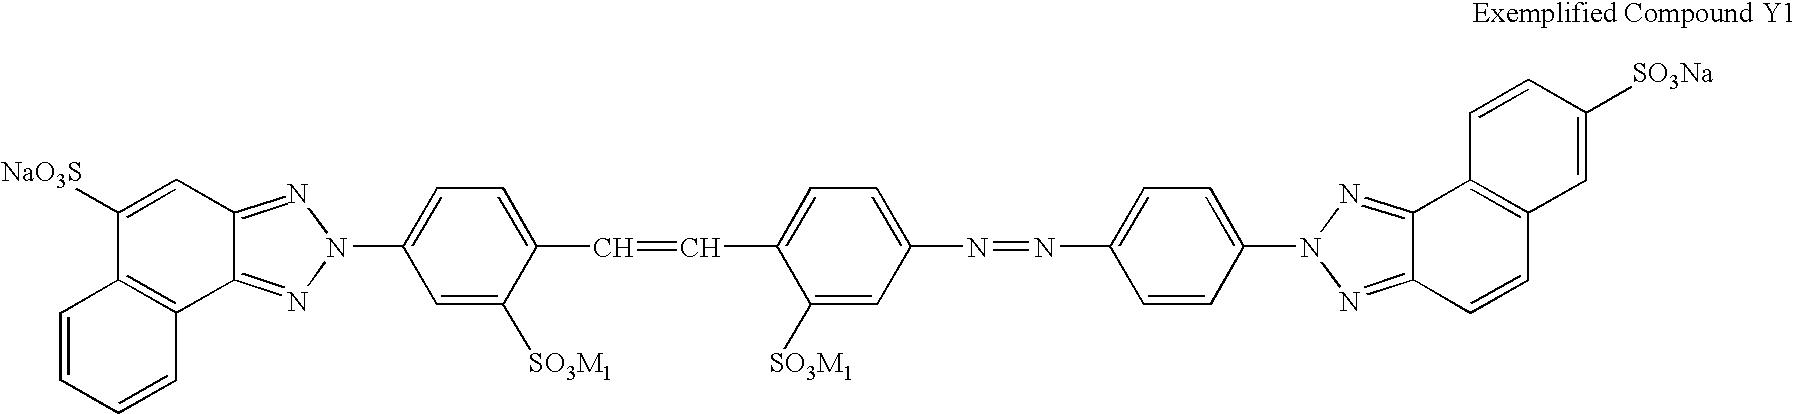 Figure US20090214789A1-20090827-C00008